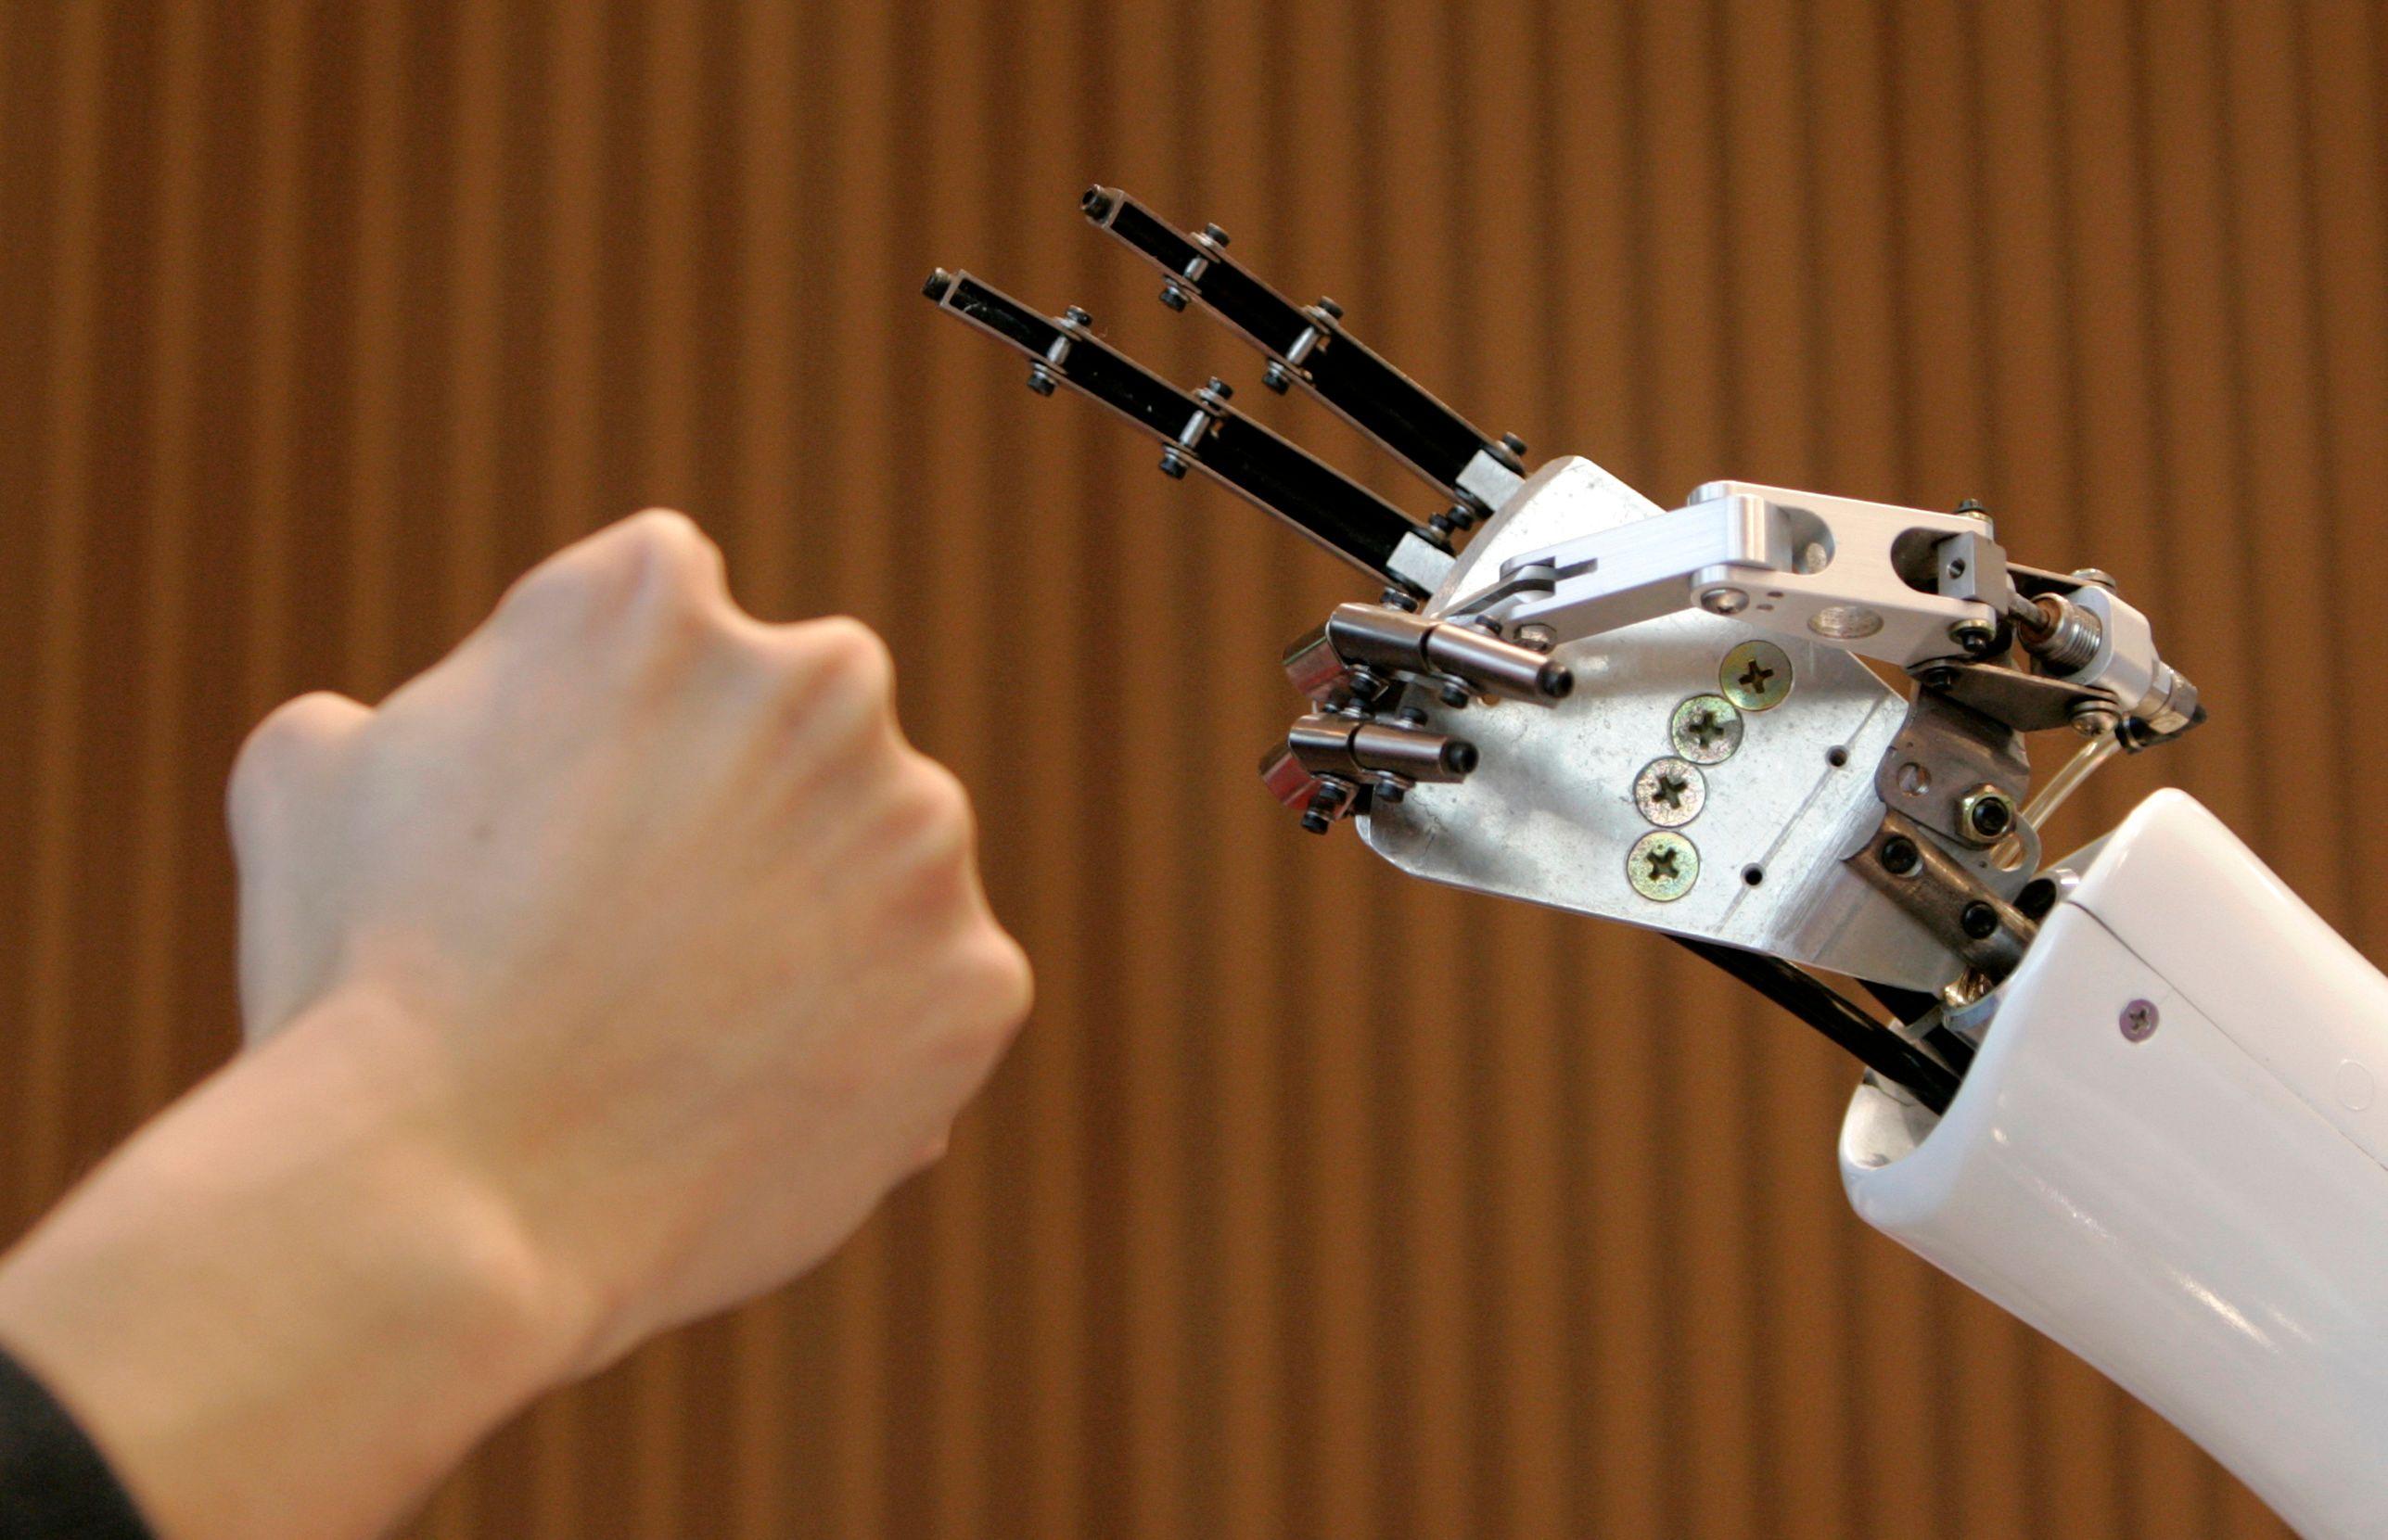 Contrairement aux idées reçues, les robots sont bons pour l'emploi.